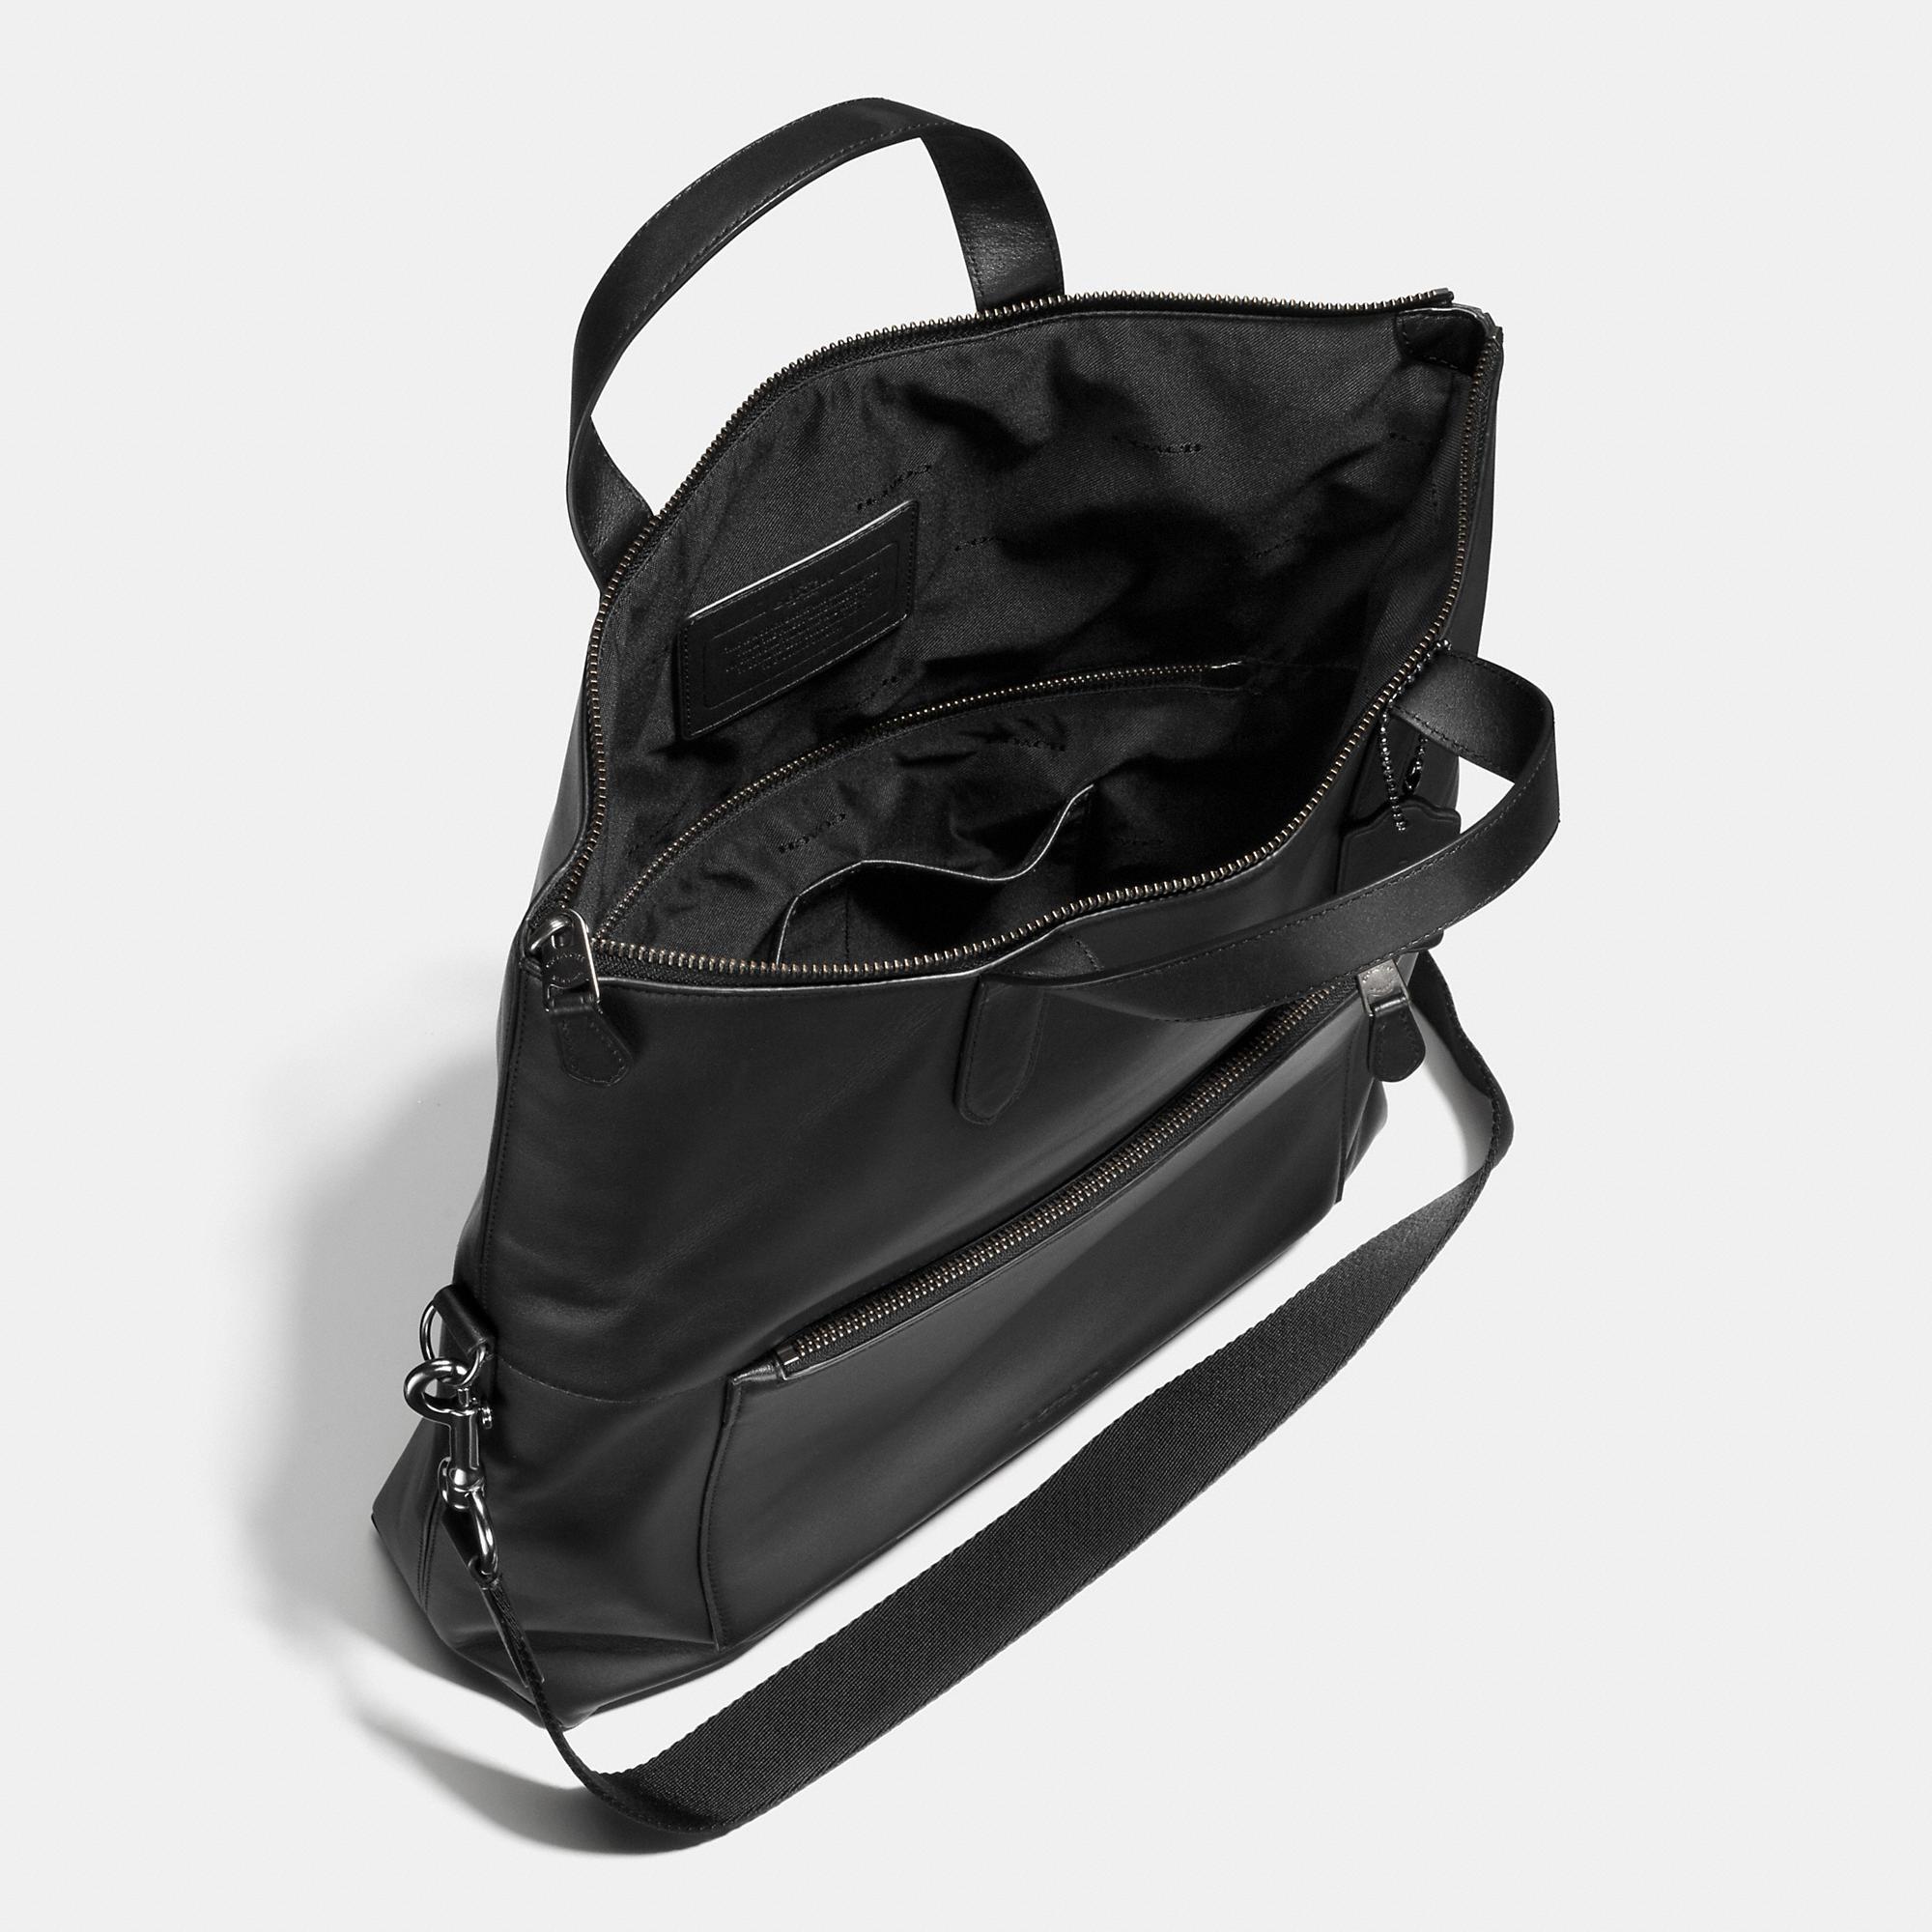 003dca6e5e COACH Manhattan Foldover Tote In Leather in Black for Men - Lyst